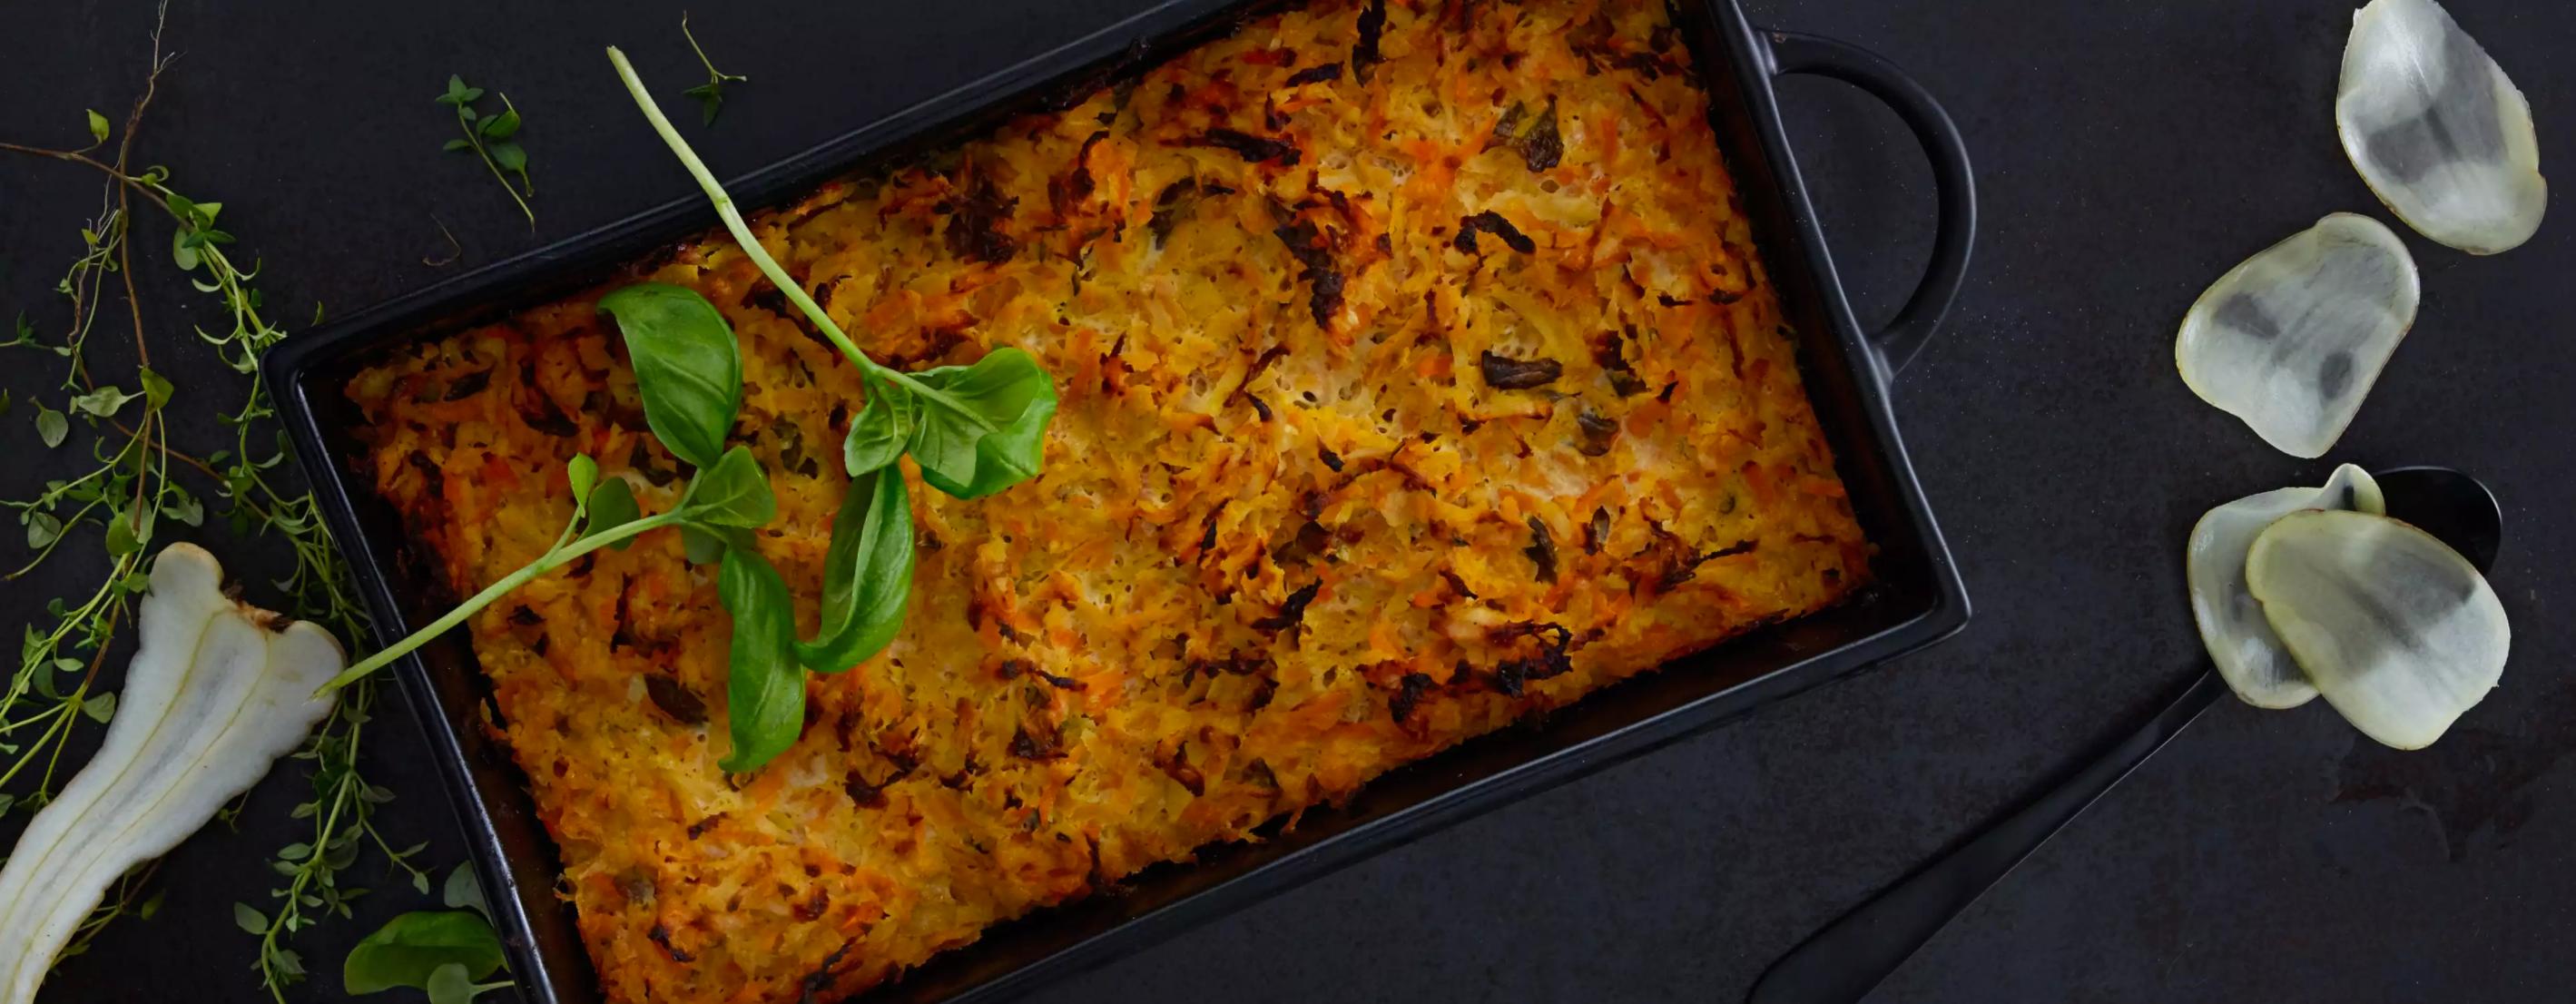 Kake av rotgrønnsaker med kremost og urter.